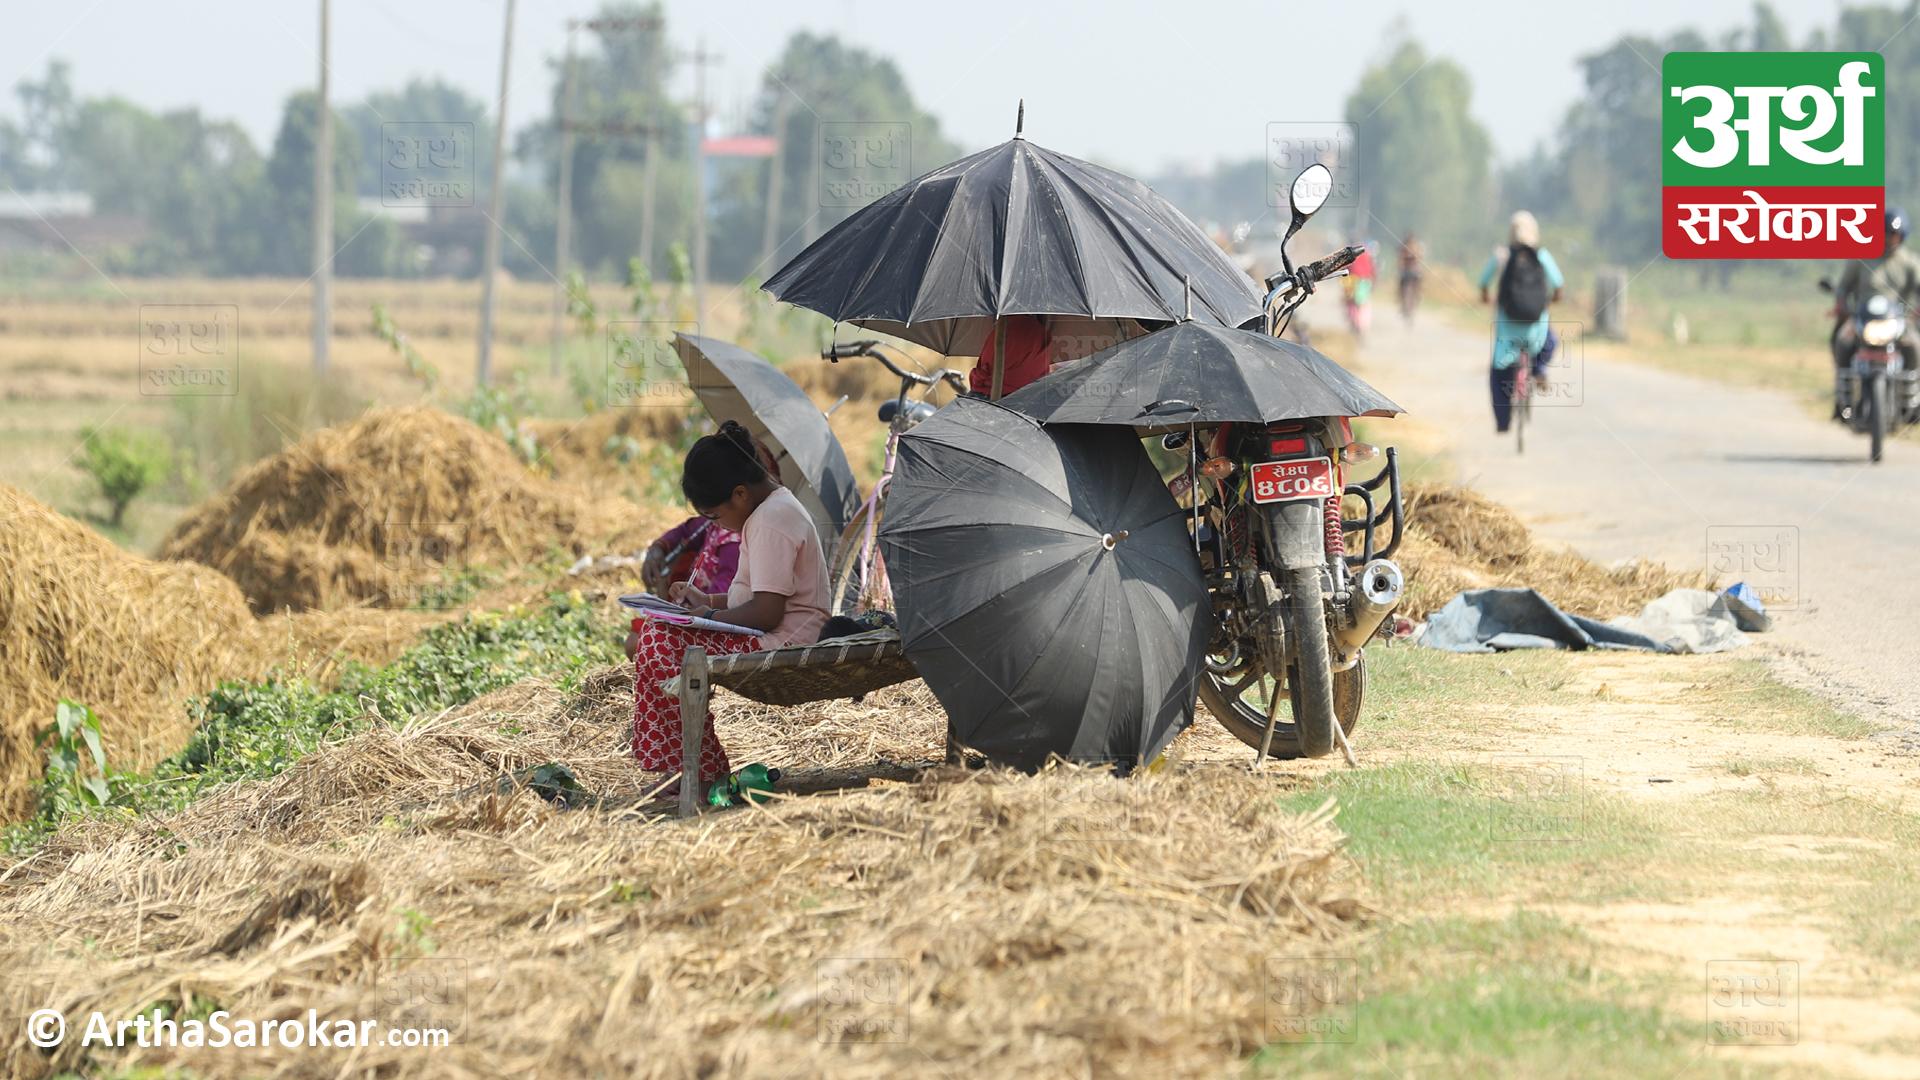 डुबानपछि सुदूरका किसानः कोहि ढलेको धान सिमोट्दैछन्, कोहि बाटोमै 'सपना' सुकाउँदैछन्… (फोटो-कथा)